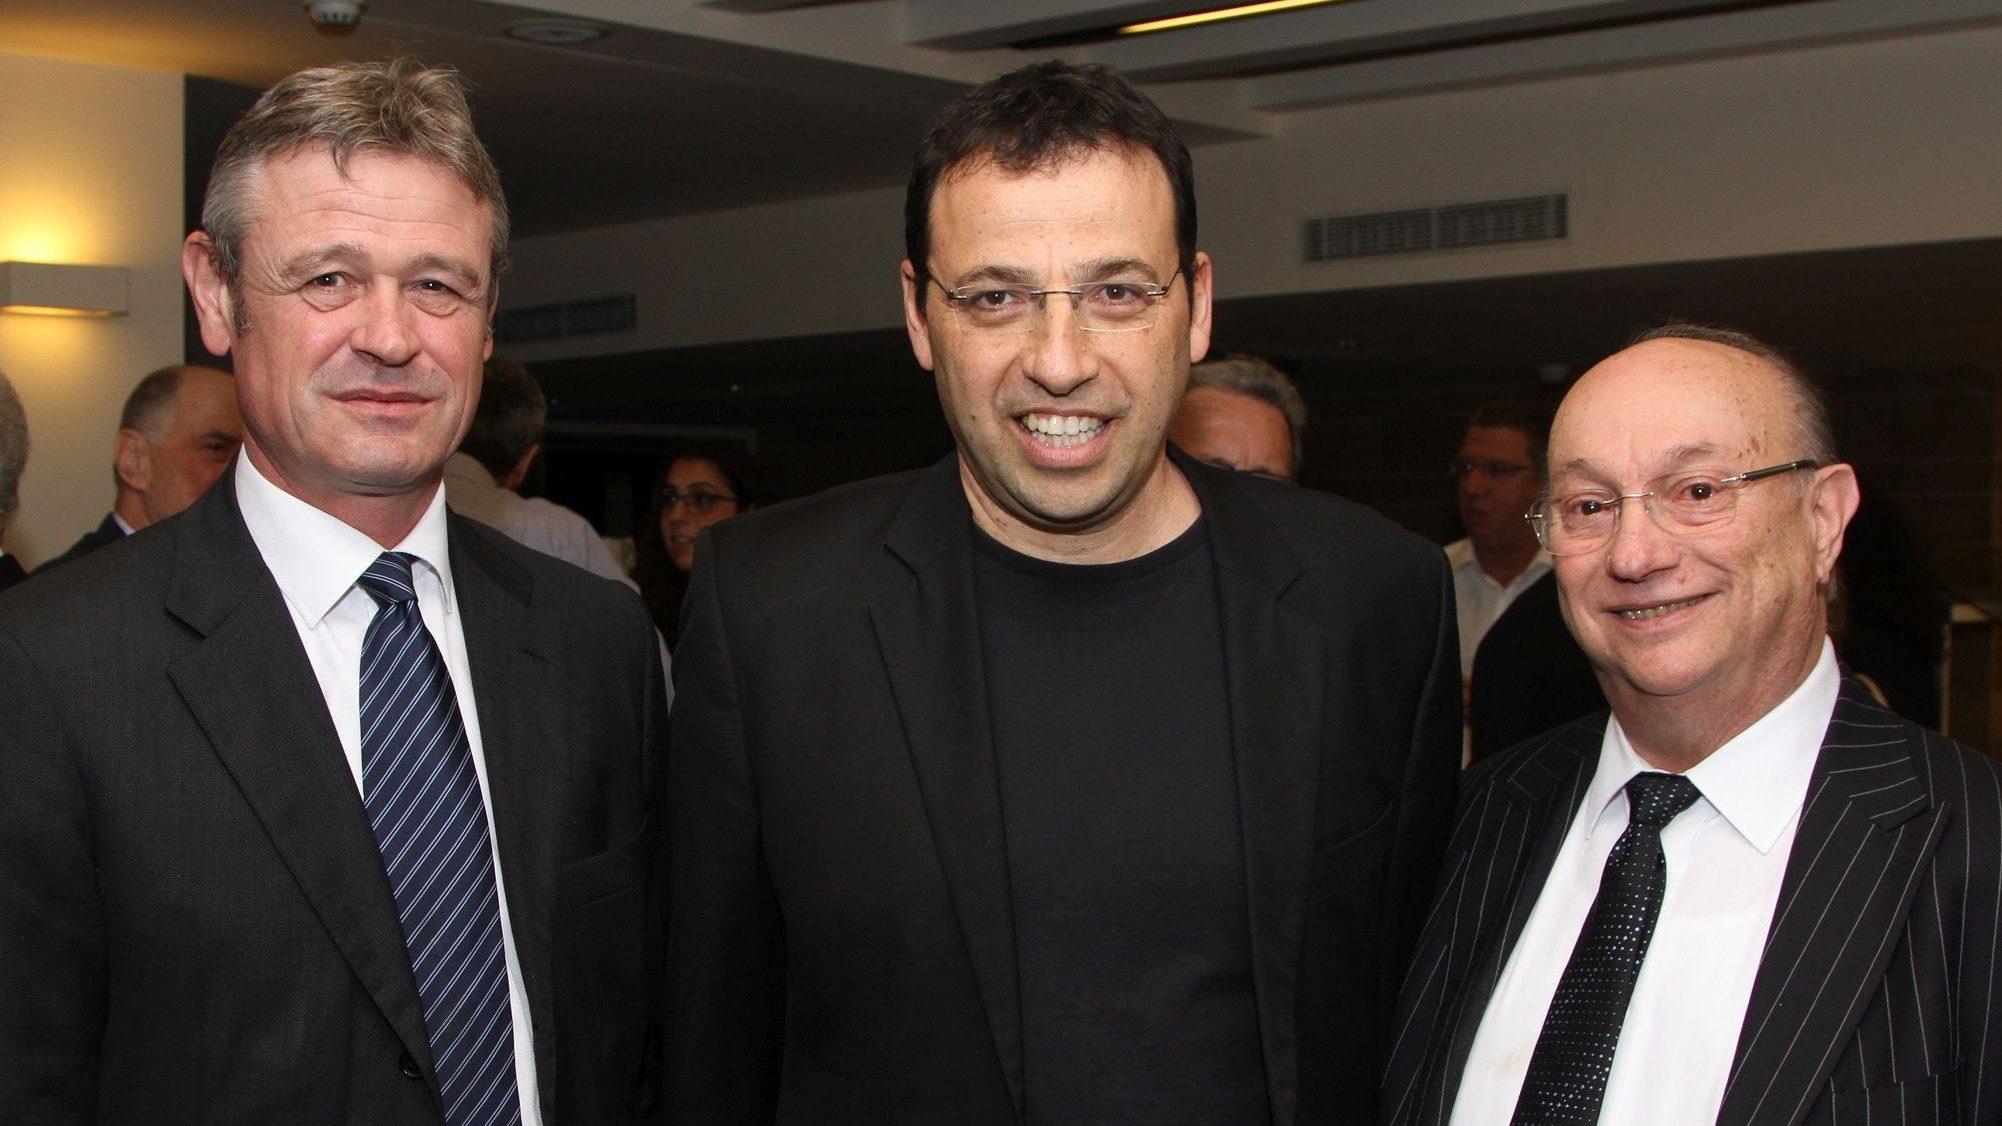 רביב דרוקר התארח במפגש צהריים של גדעון המבורגר ולשכת המסחר ישראל-שוויץ וליכטנשטיין